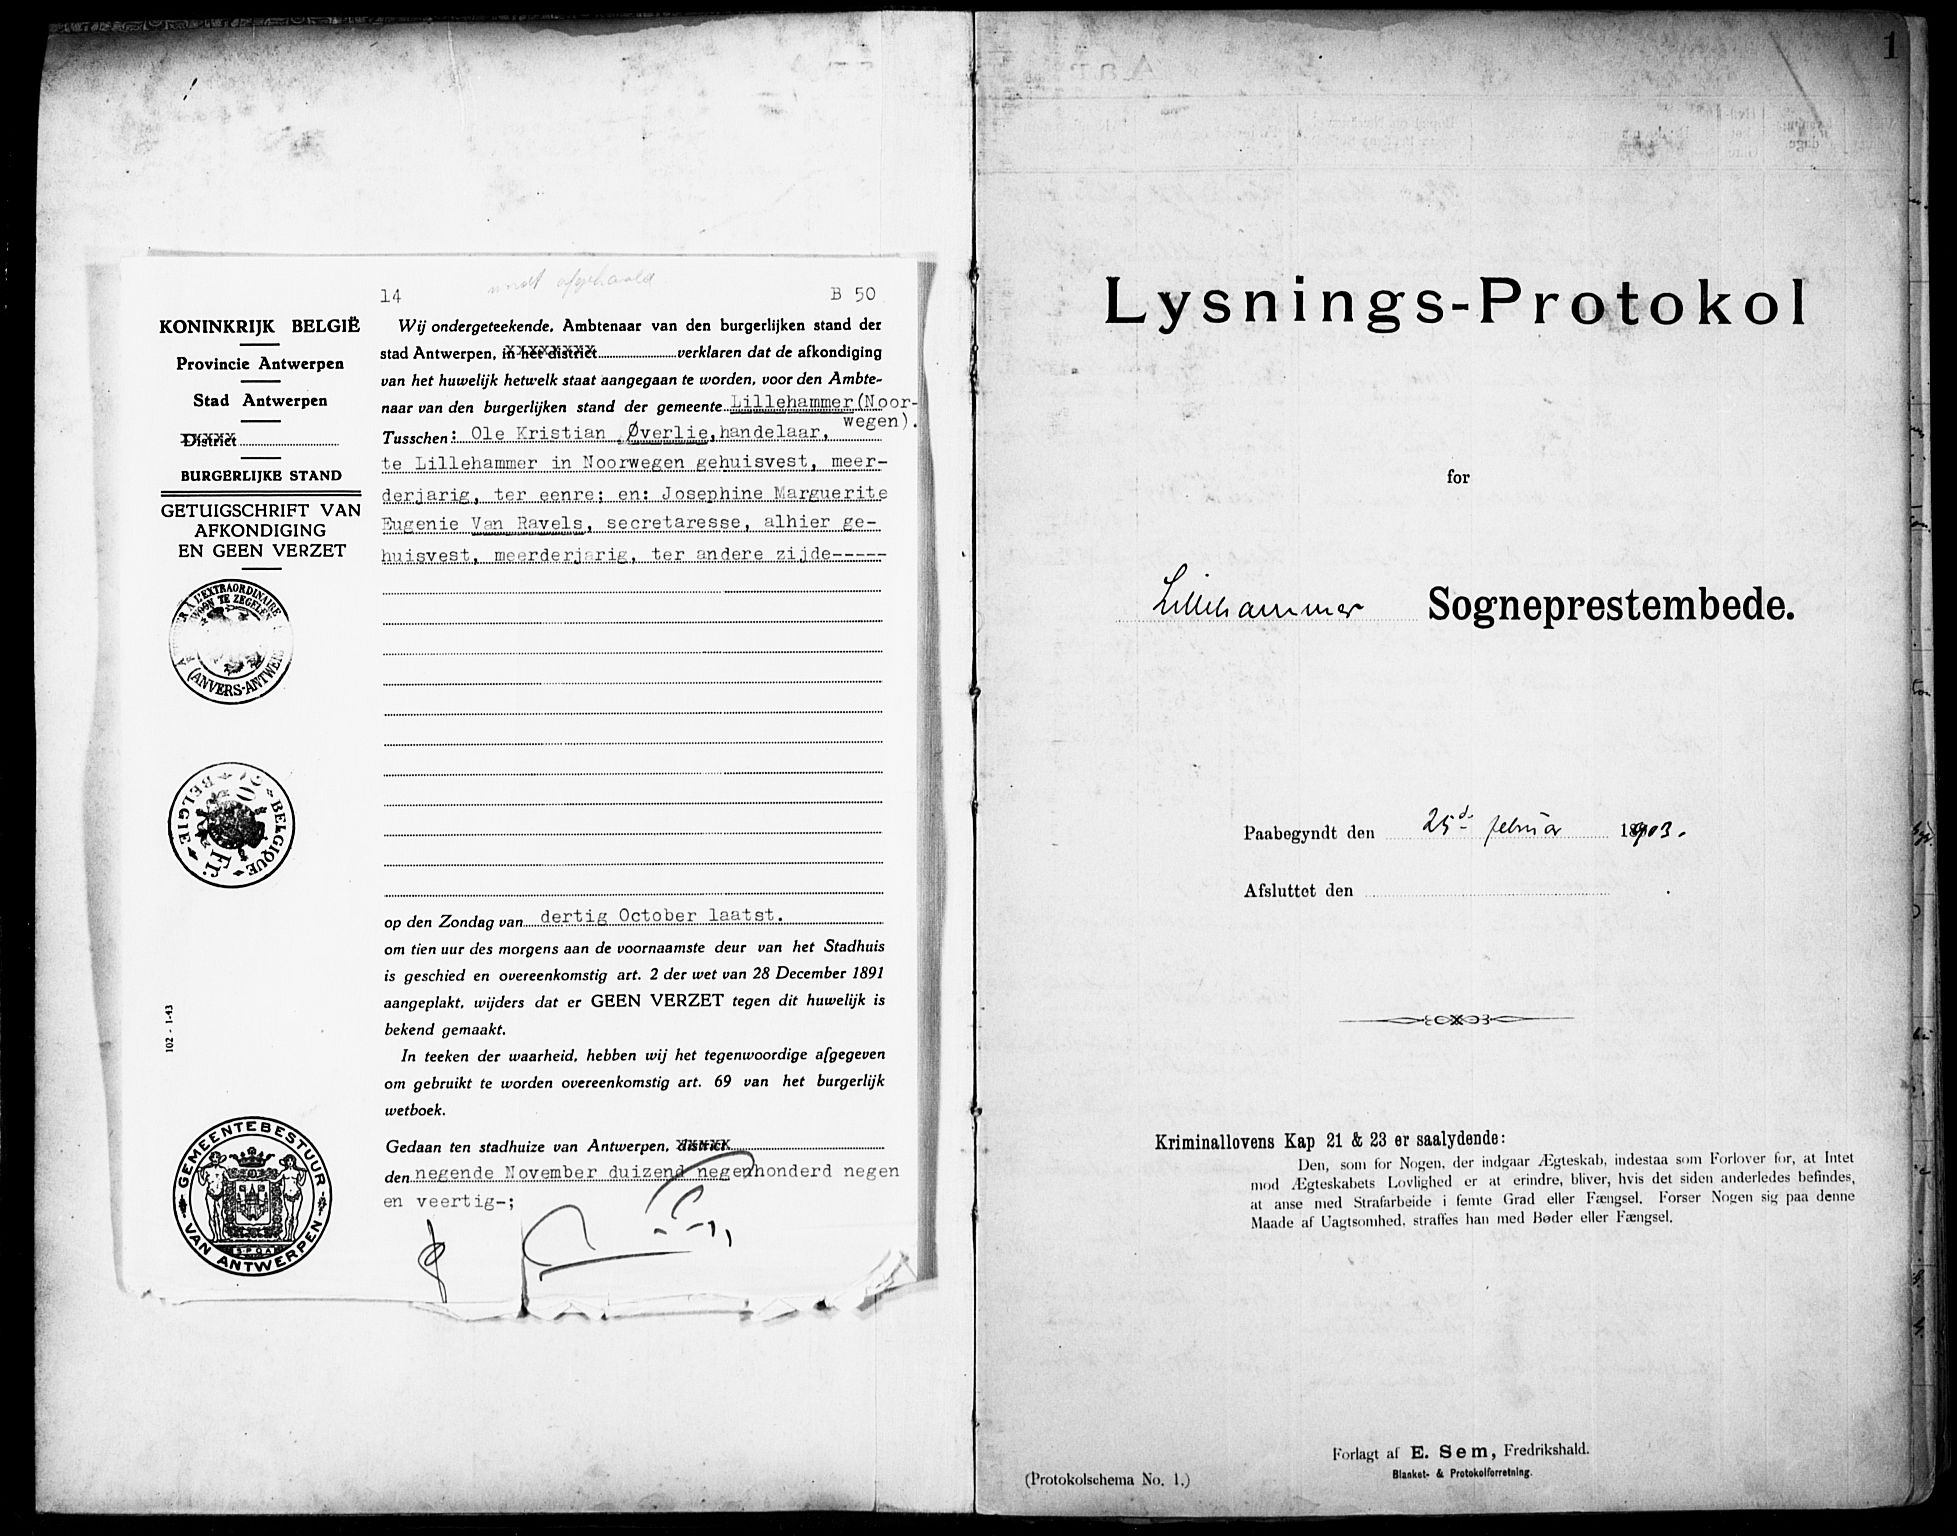 SAH, Lillehammer prestekontor, Lysningsprotokoll nr. 1, 1903-1932, s. 1